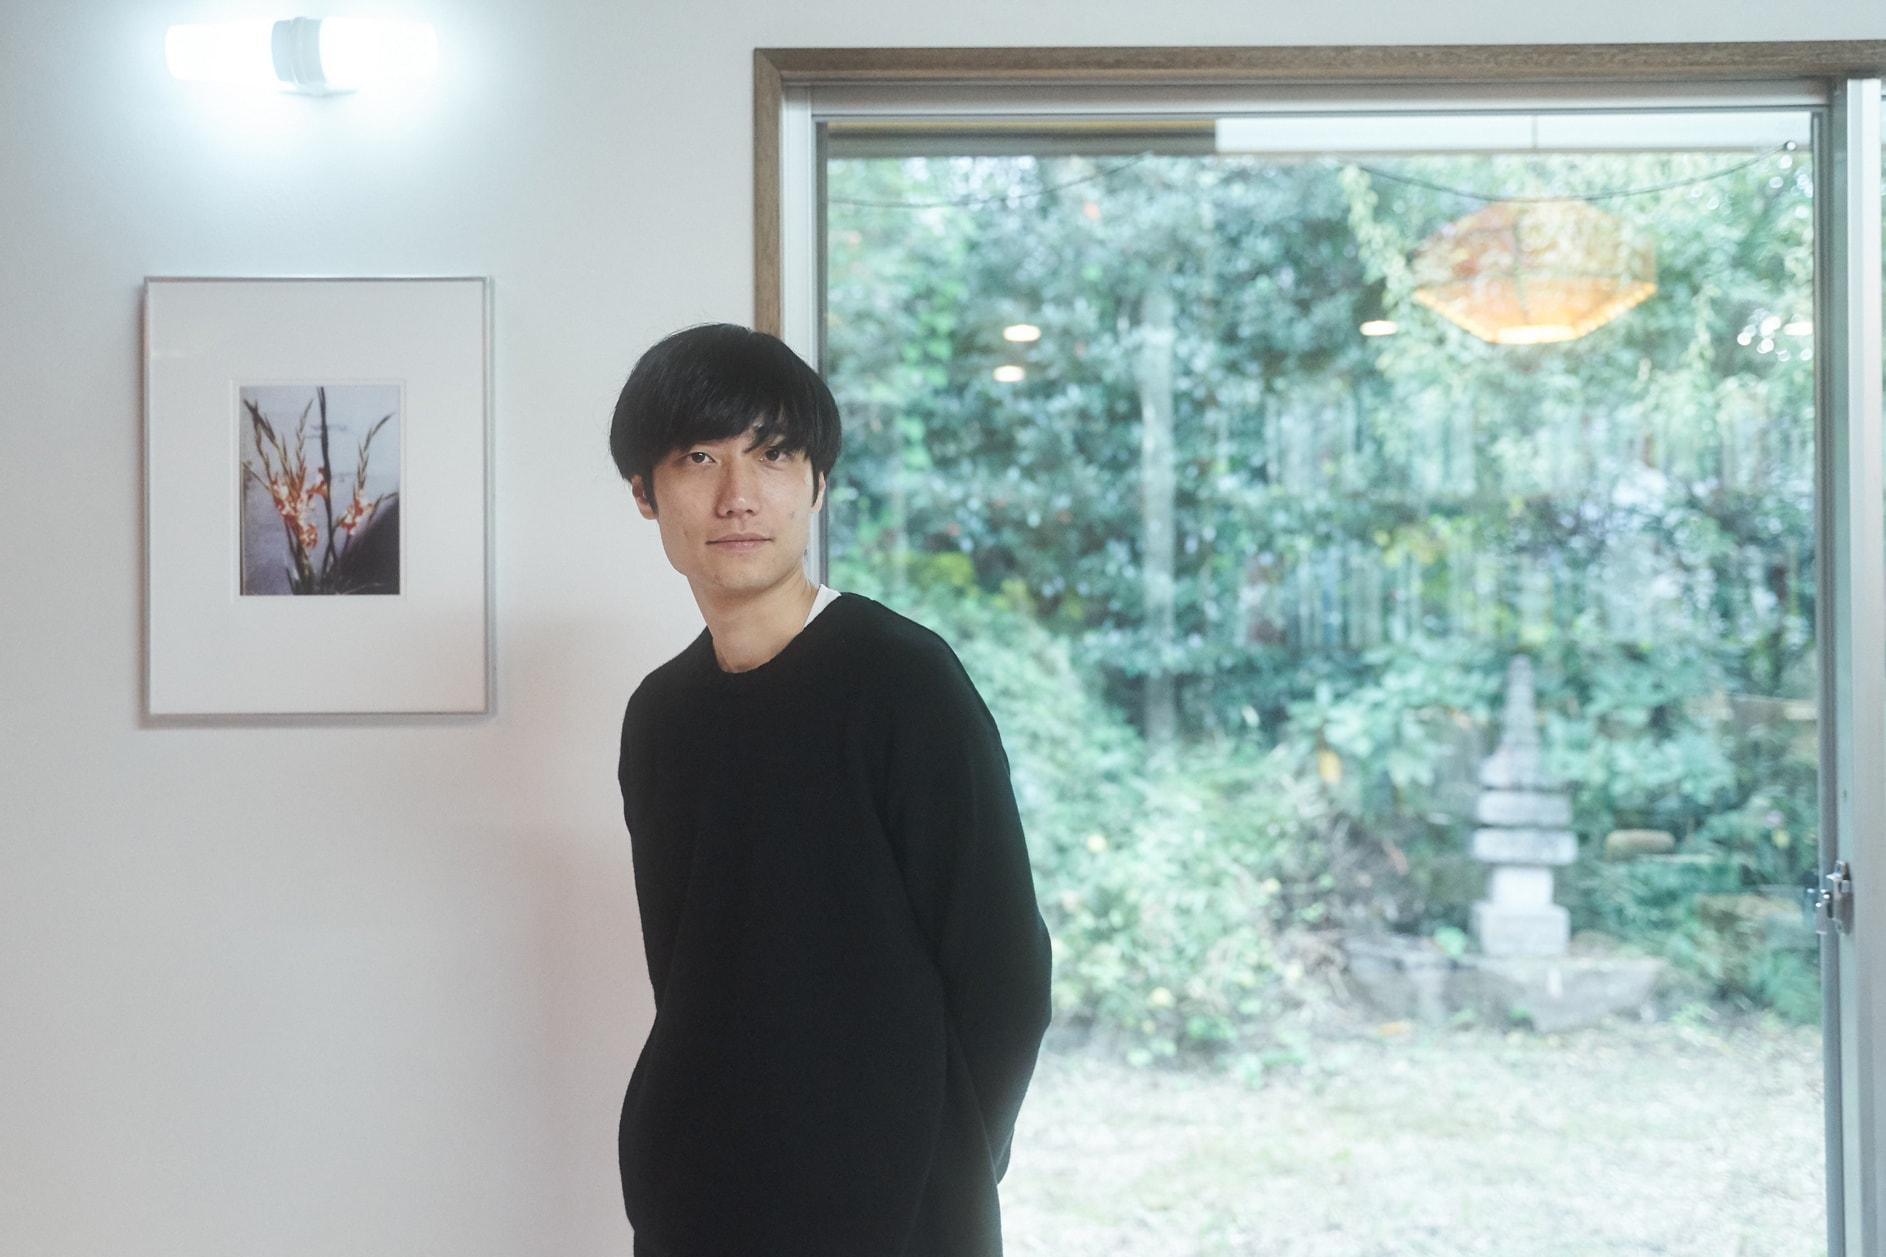 奥山由之インタヴュー 「不確かなもの」をテーマに据えた最新写真集のこと。 憧れの存在、そしてこれからについて。 | 奥山由之